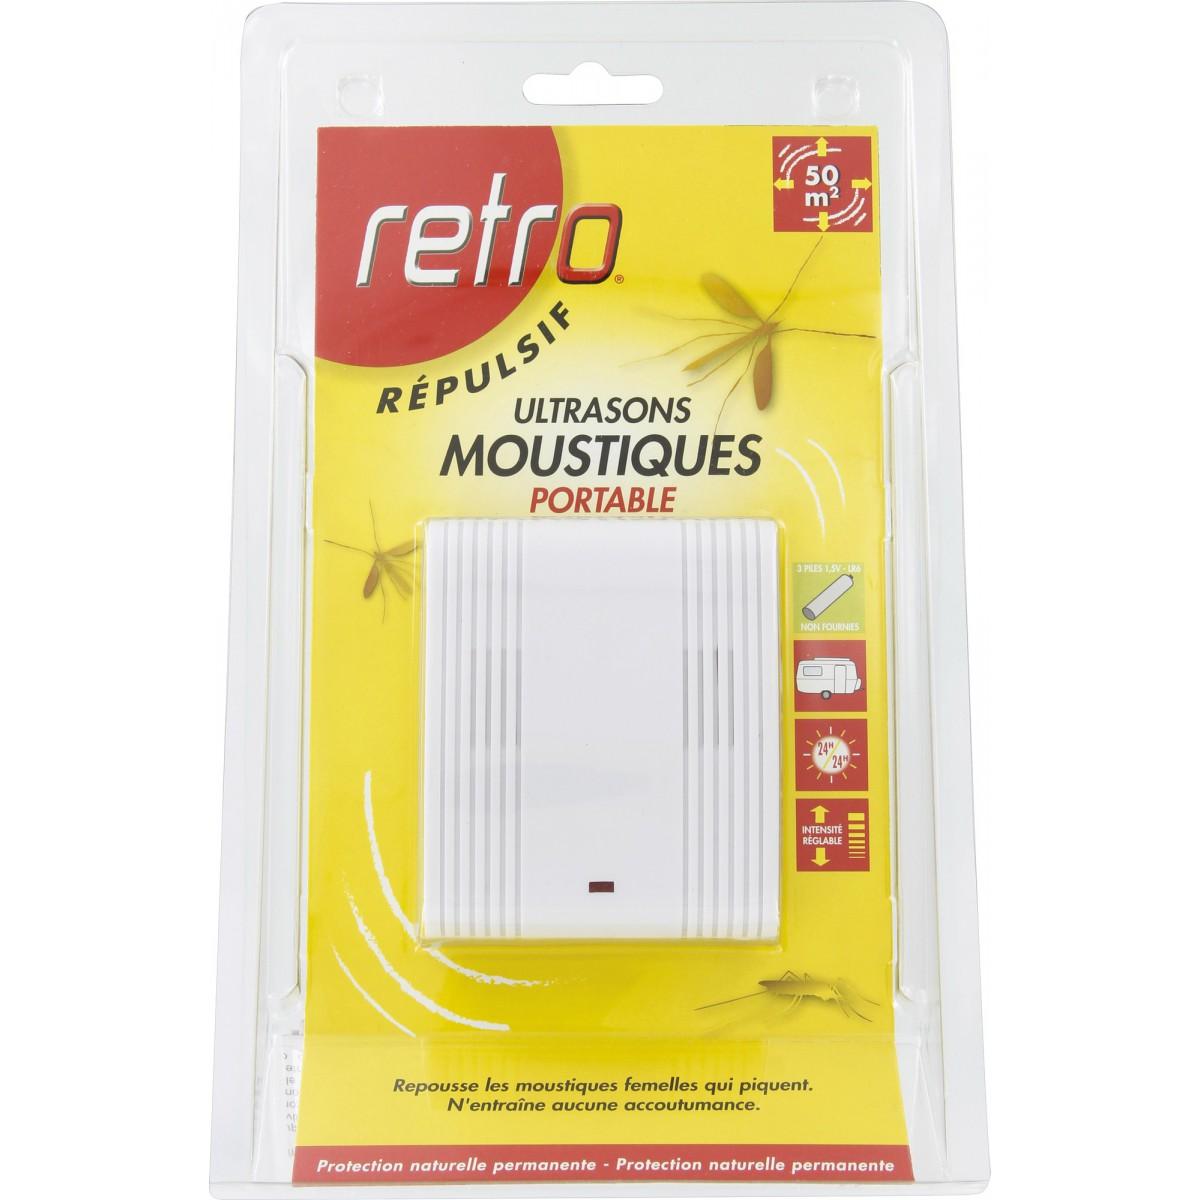 Appareil ultrasons moustiques retro portable piles de appareil ultrasons r pulsif for Peinture anti moustique